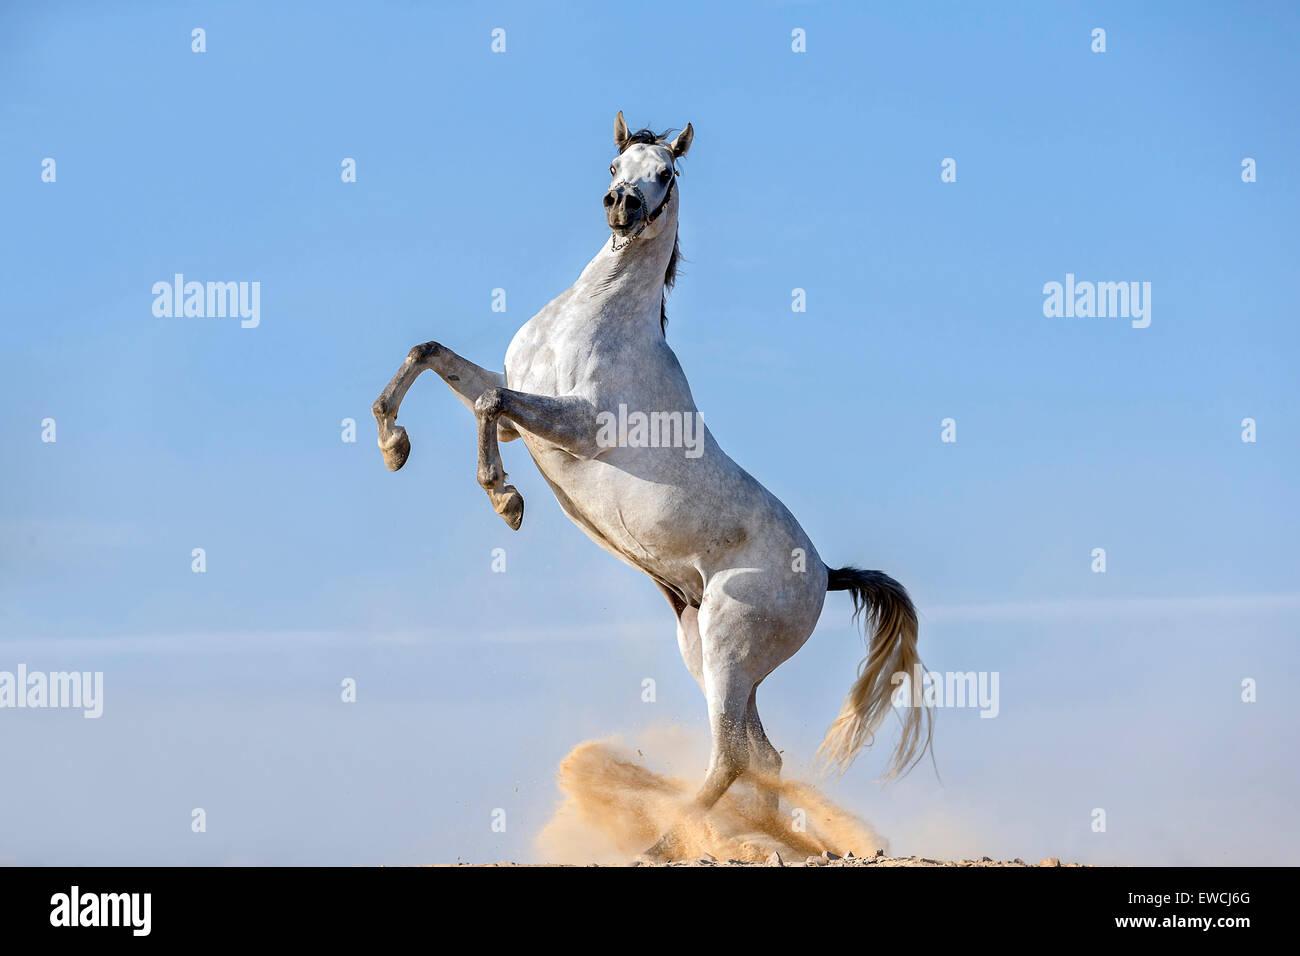 Arabian Horse Gray Stallion Rearing In The Desert Egypt Stock Photo Alamy